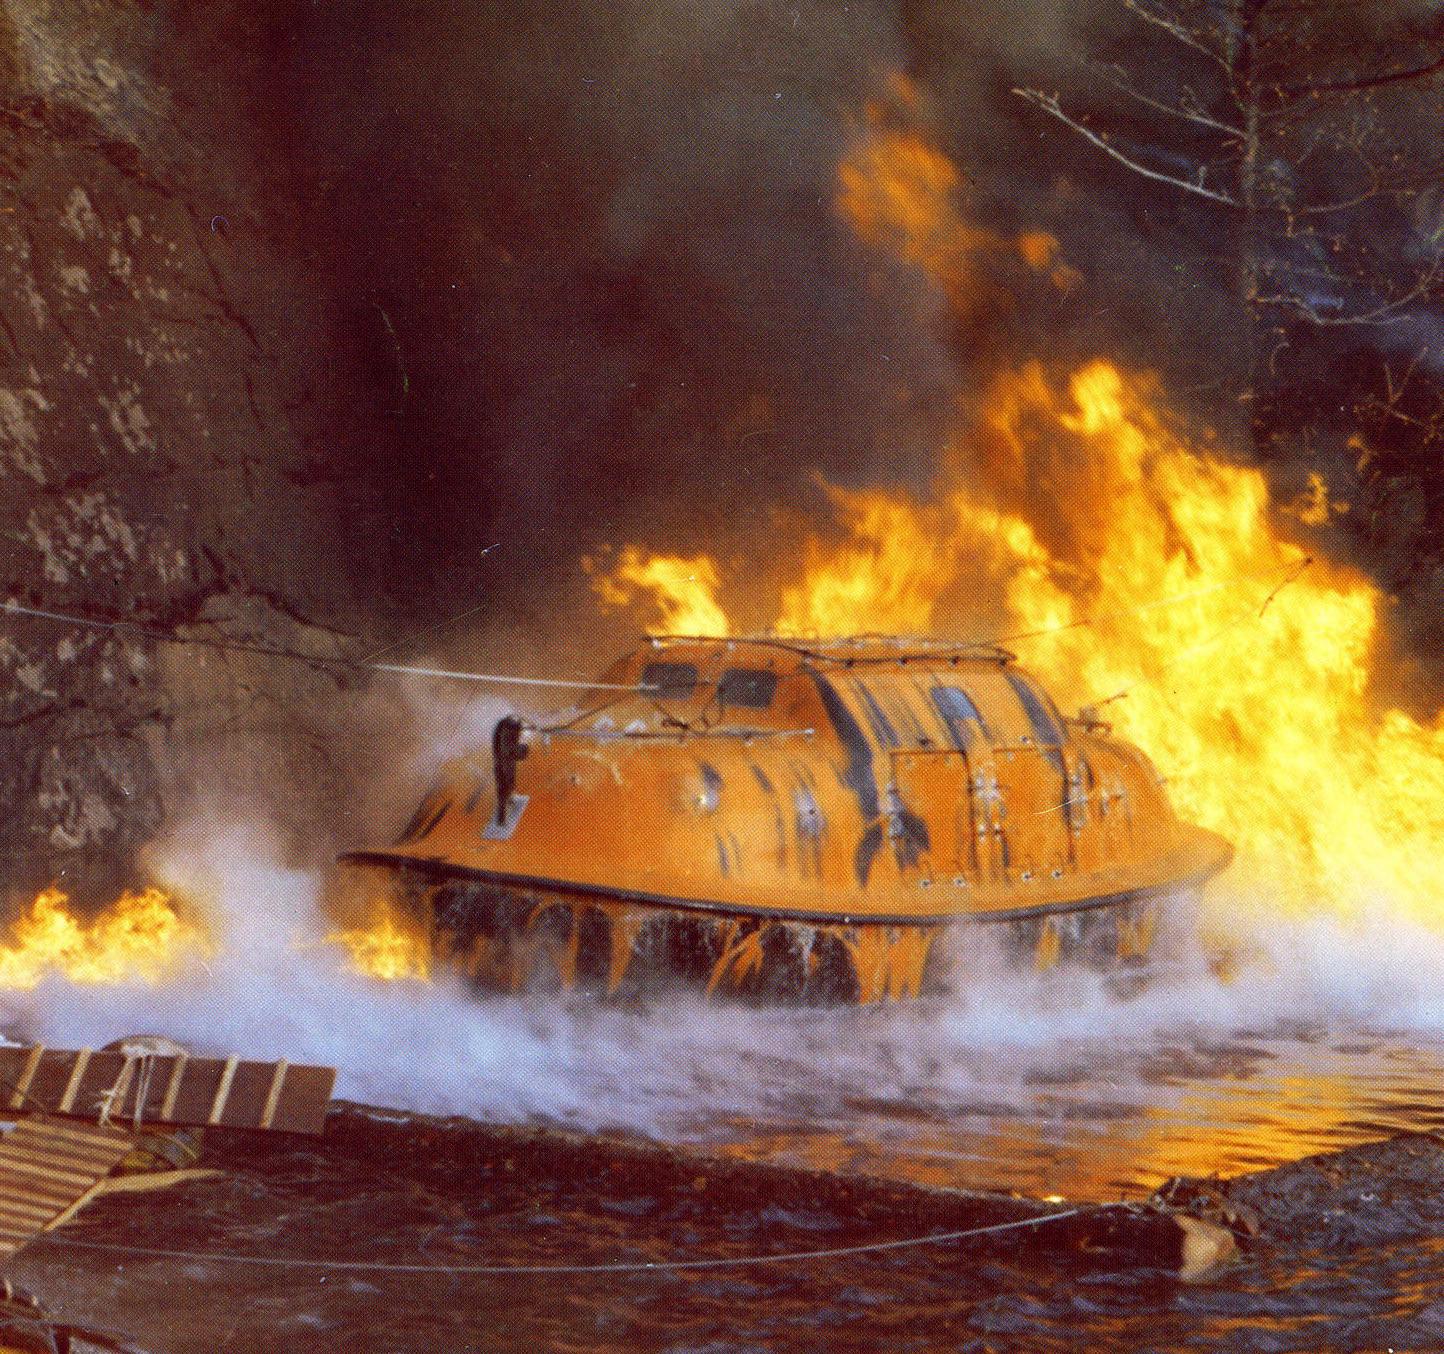 balmoral lifeboat